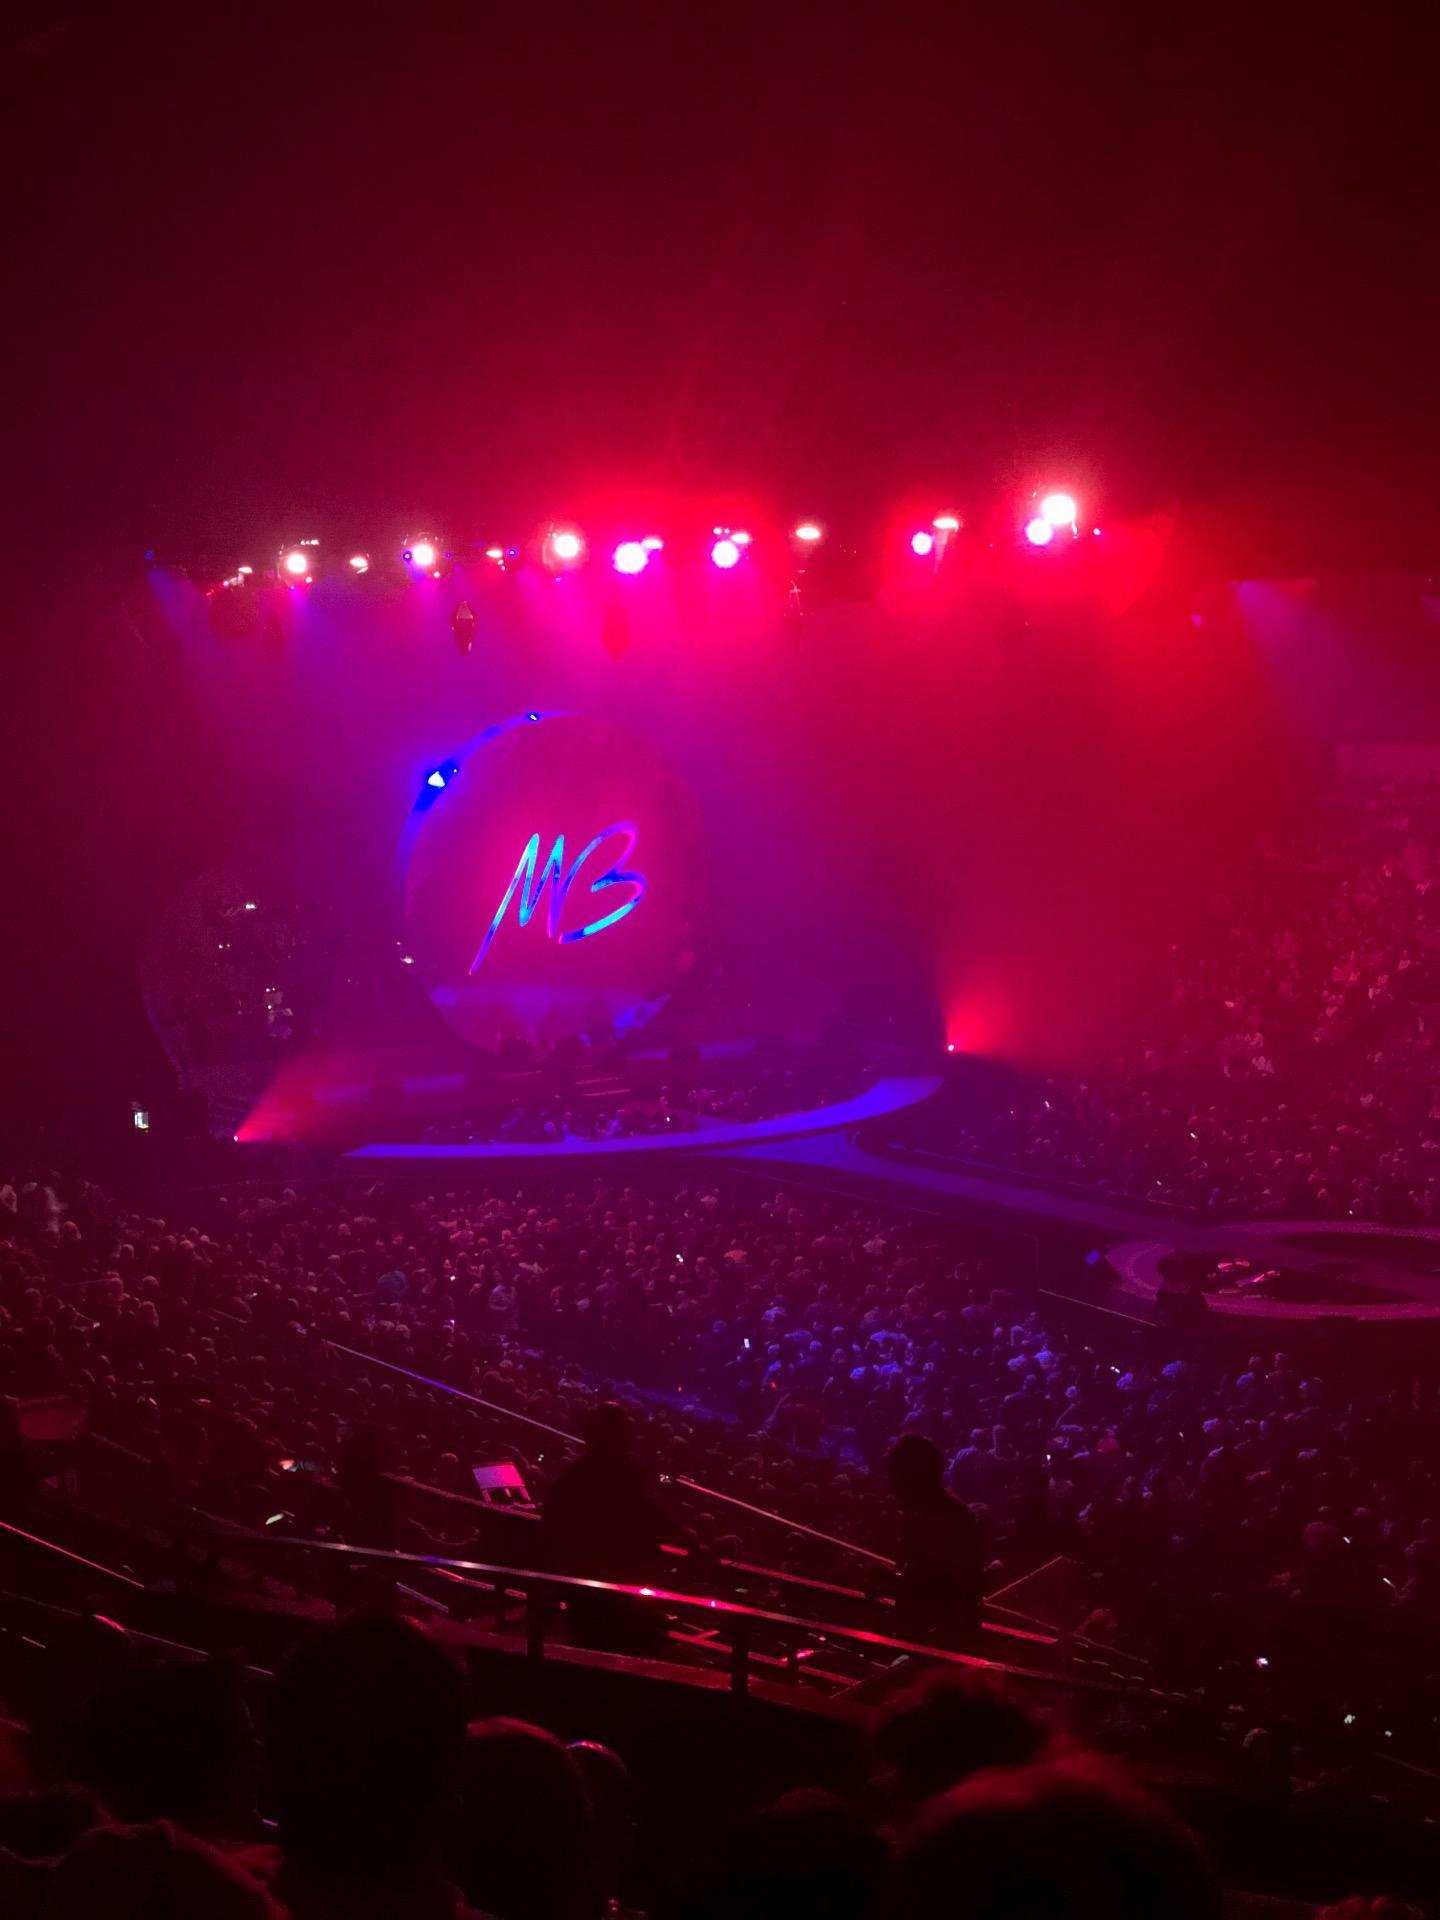 Pechanga Arena Section T21c Row 12 Seat 5